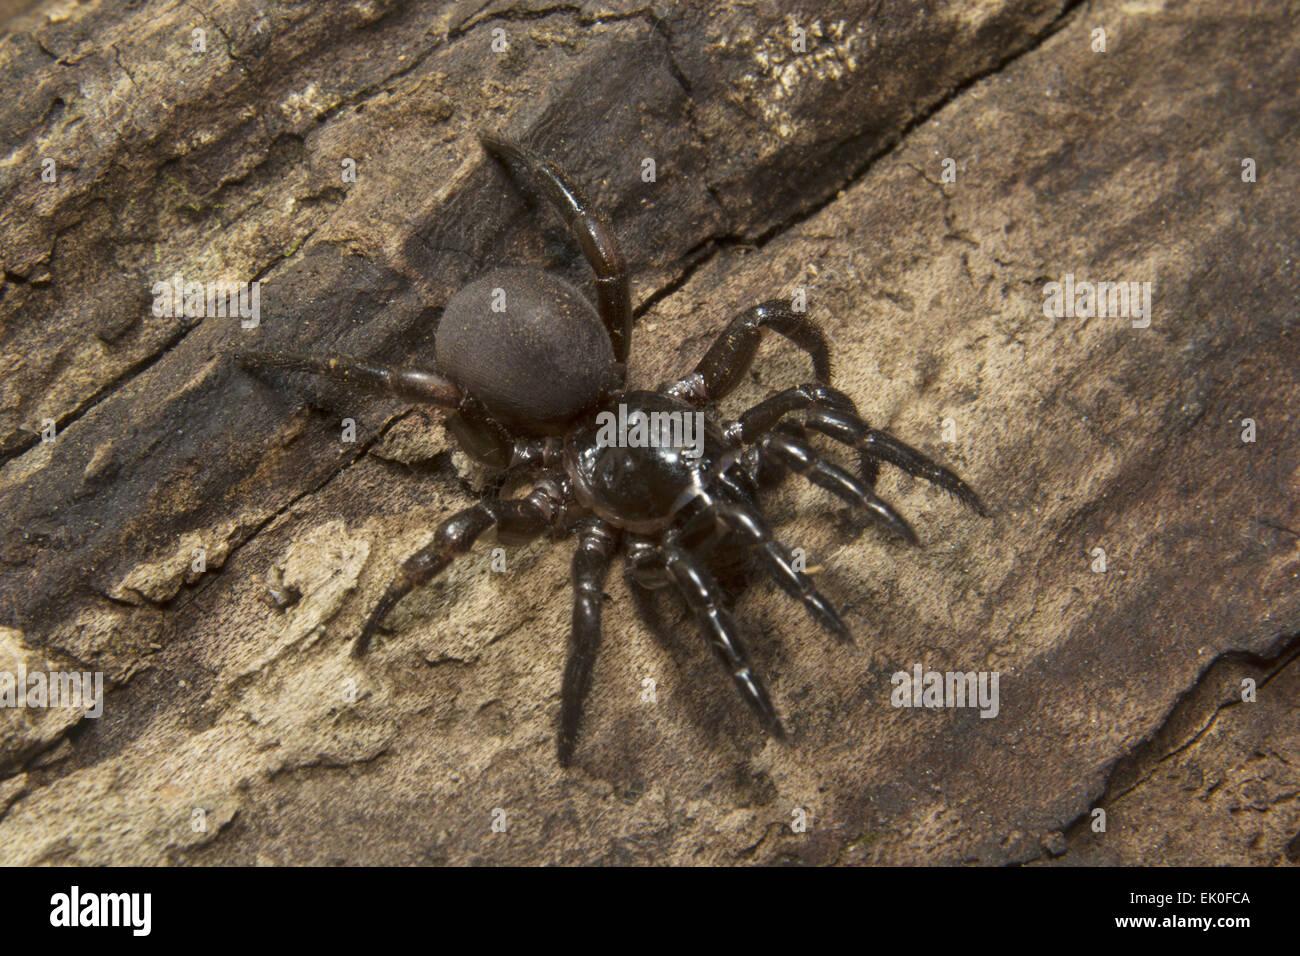 Trap door spider  Idiops sp Idiopidae Eravikulam National Park Kerala. India & Trap Door Spider Stock Photos u0026 Trap Door Spider Stock Images - Alamy